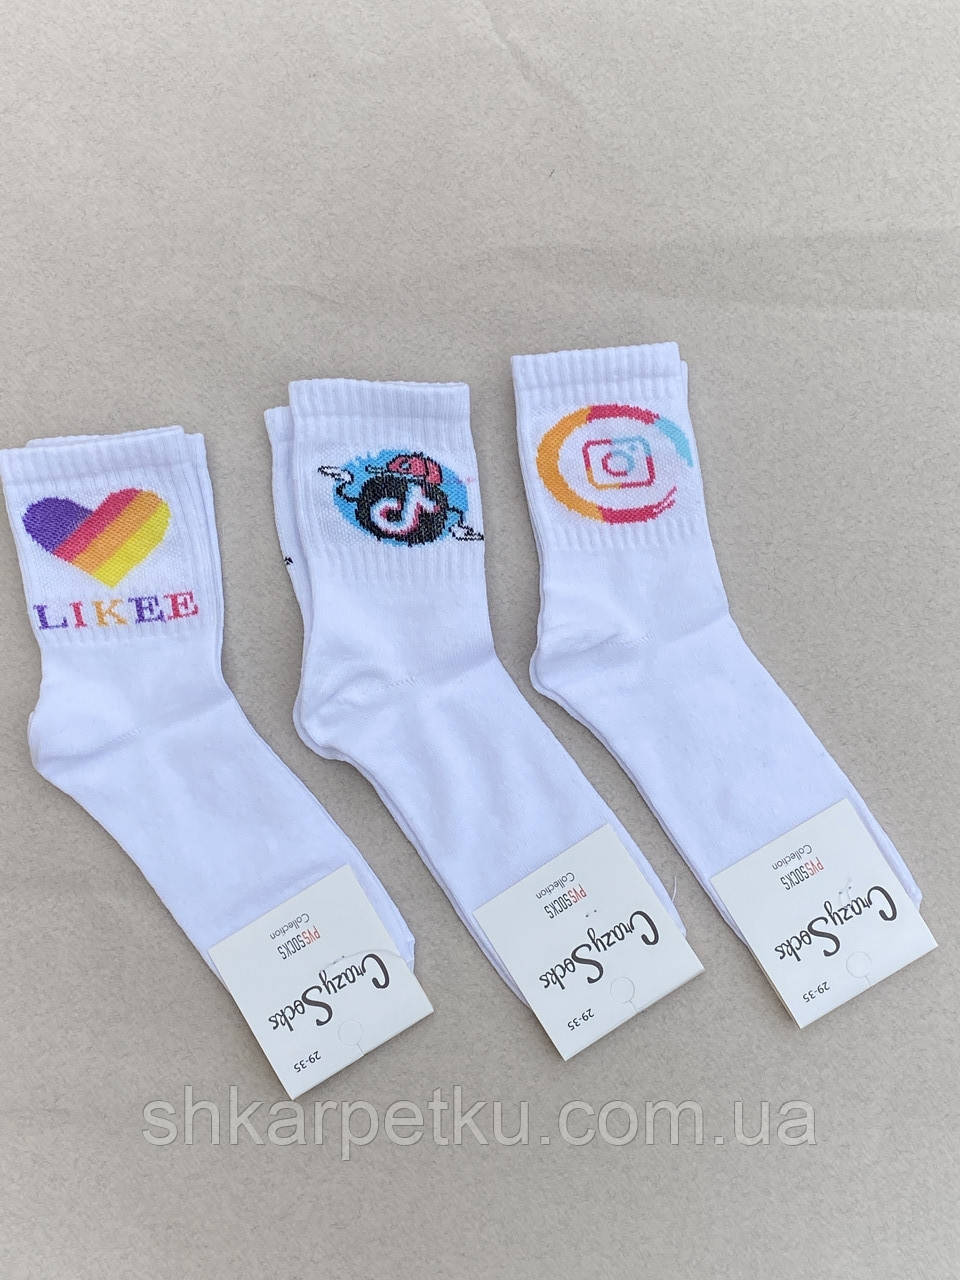 Підліткові носки шкарпетки теніс стрейчеві Crazy Socks з принтом INSTAGRAM TIK TOK 30-34, 35-38 12шт в уп білі